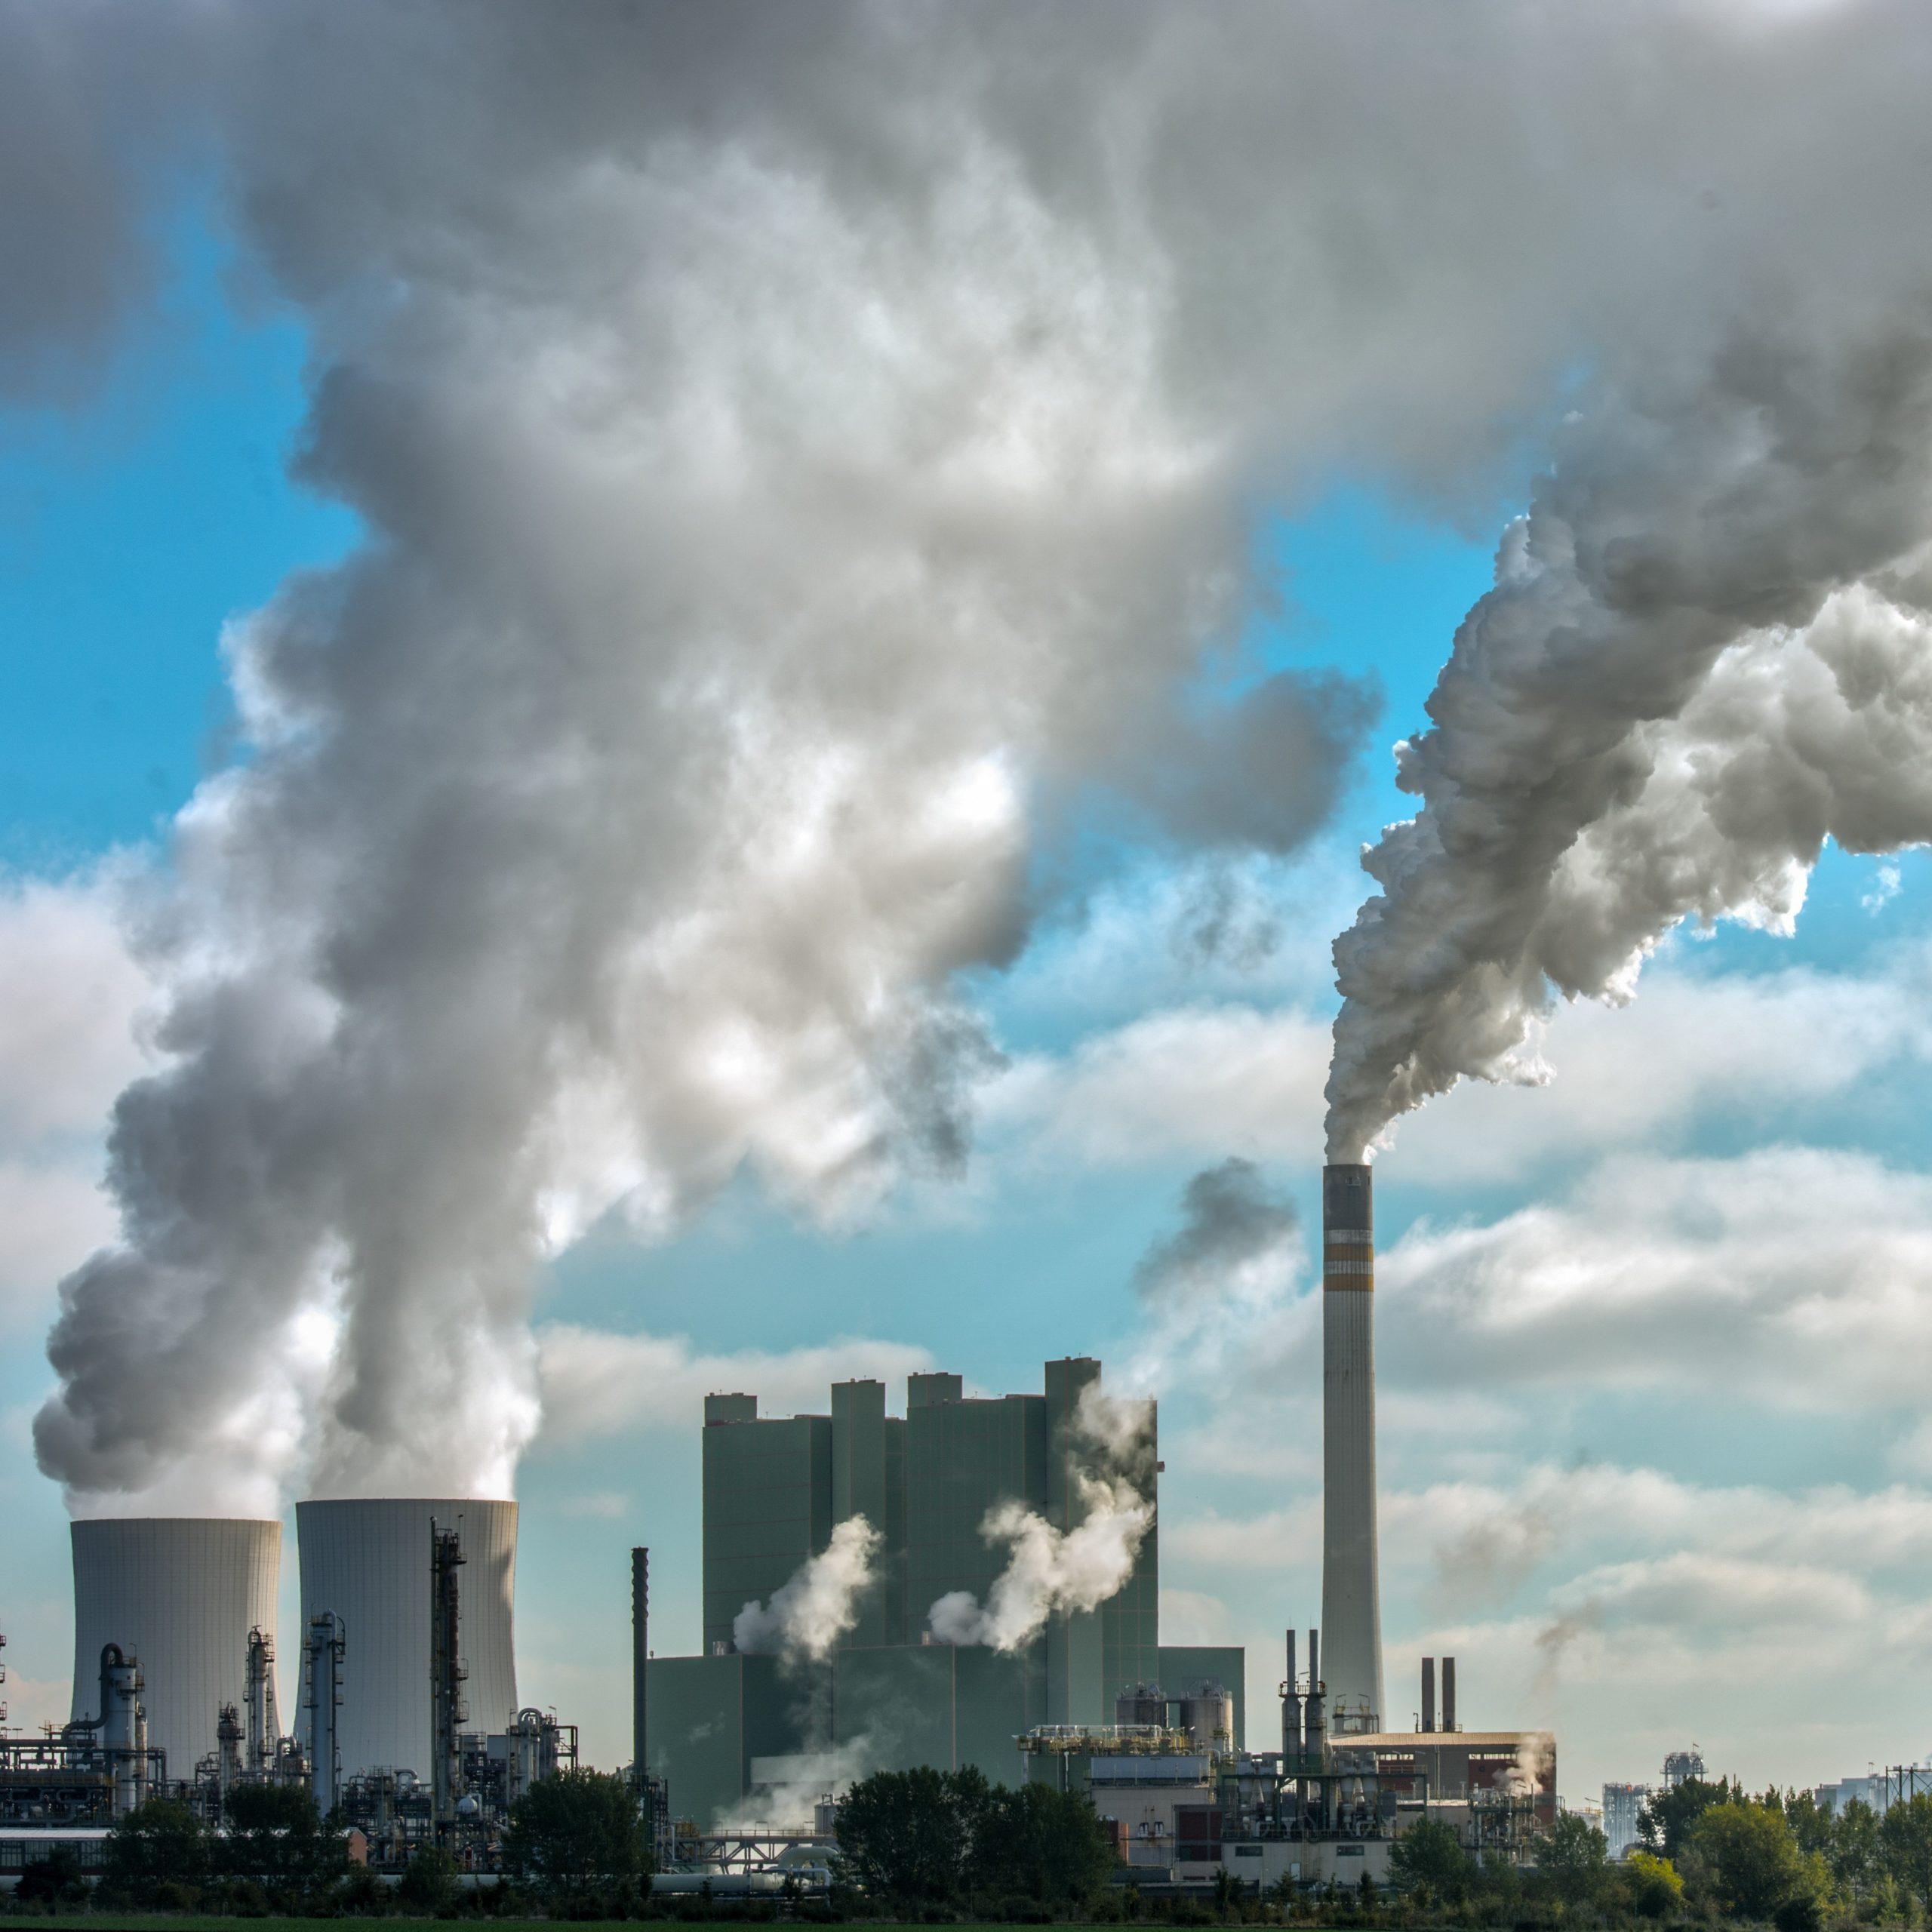 Insbesondere der Einsatz fossiler Brennstoffe trägt zur Luftverschmutzung bei